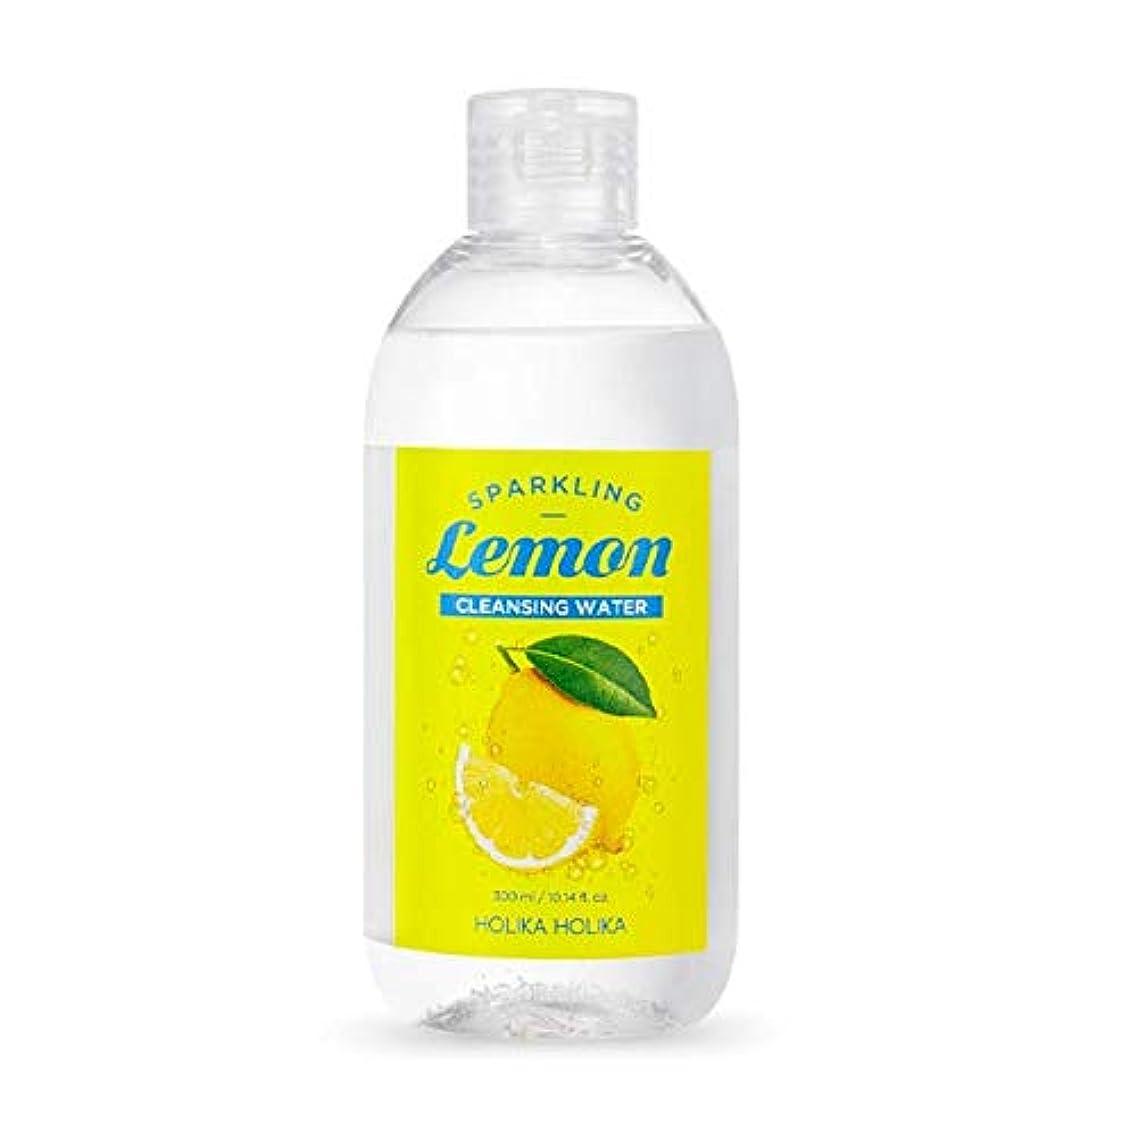 つまずくマートアートホリカホリカ 炭酸レモンクレンジングウォーター 300ml / Holika Holika Sparkling Lemon Cleansing Water 300ml [並行輸入品]